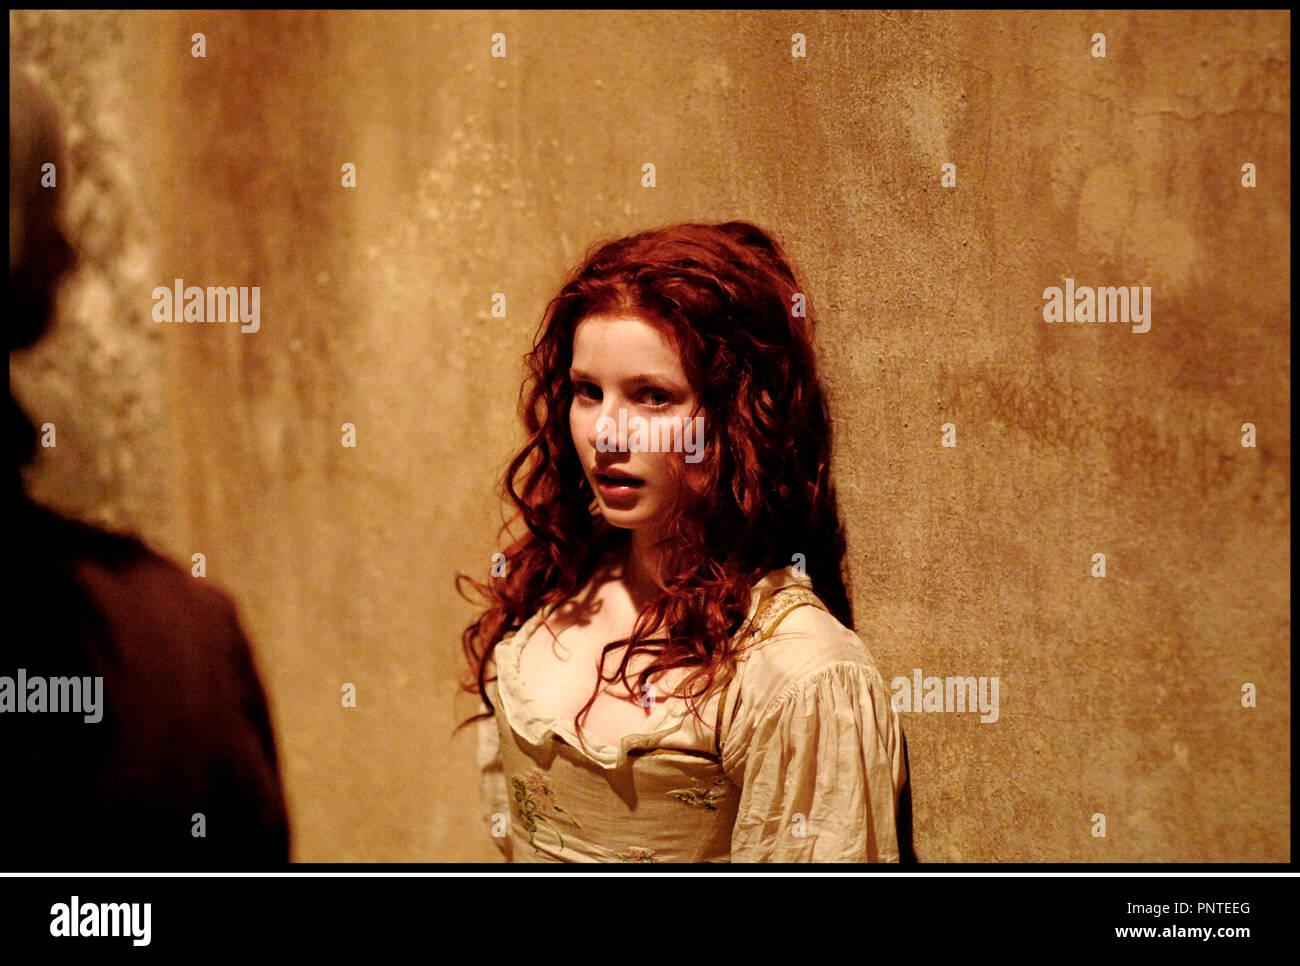 Parfum Film Stock Photos Parfum Film Stock Images Alamy